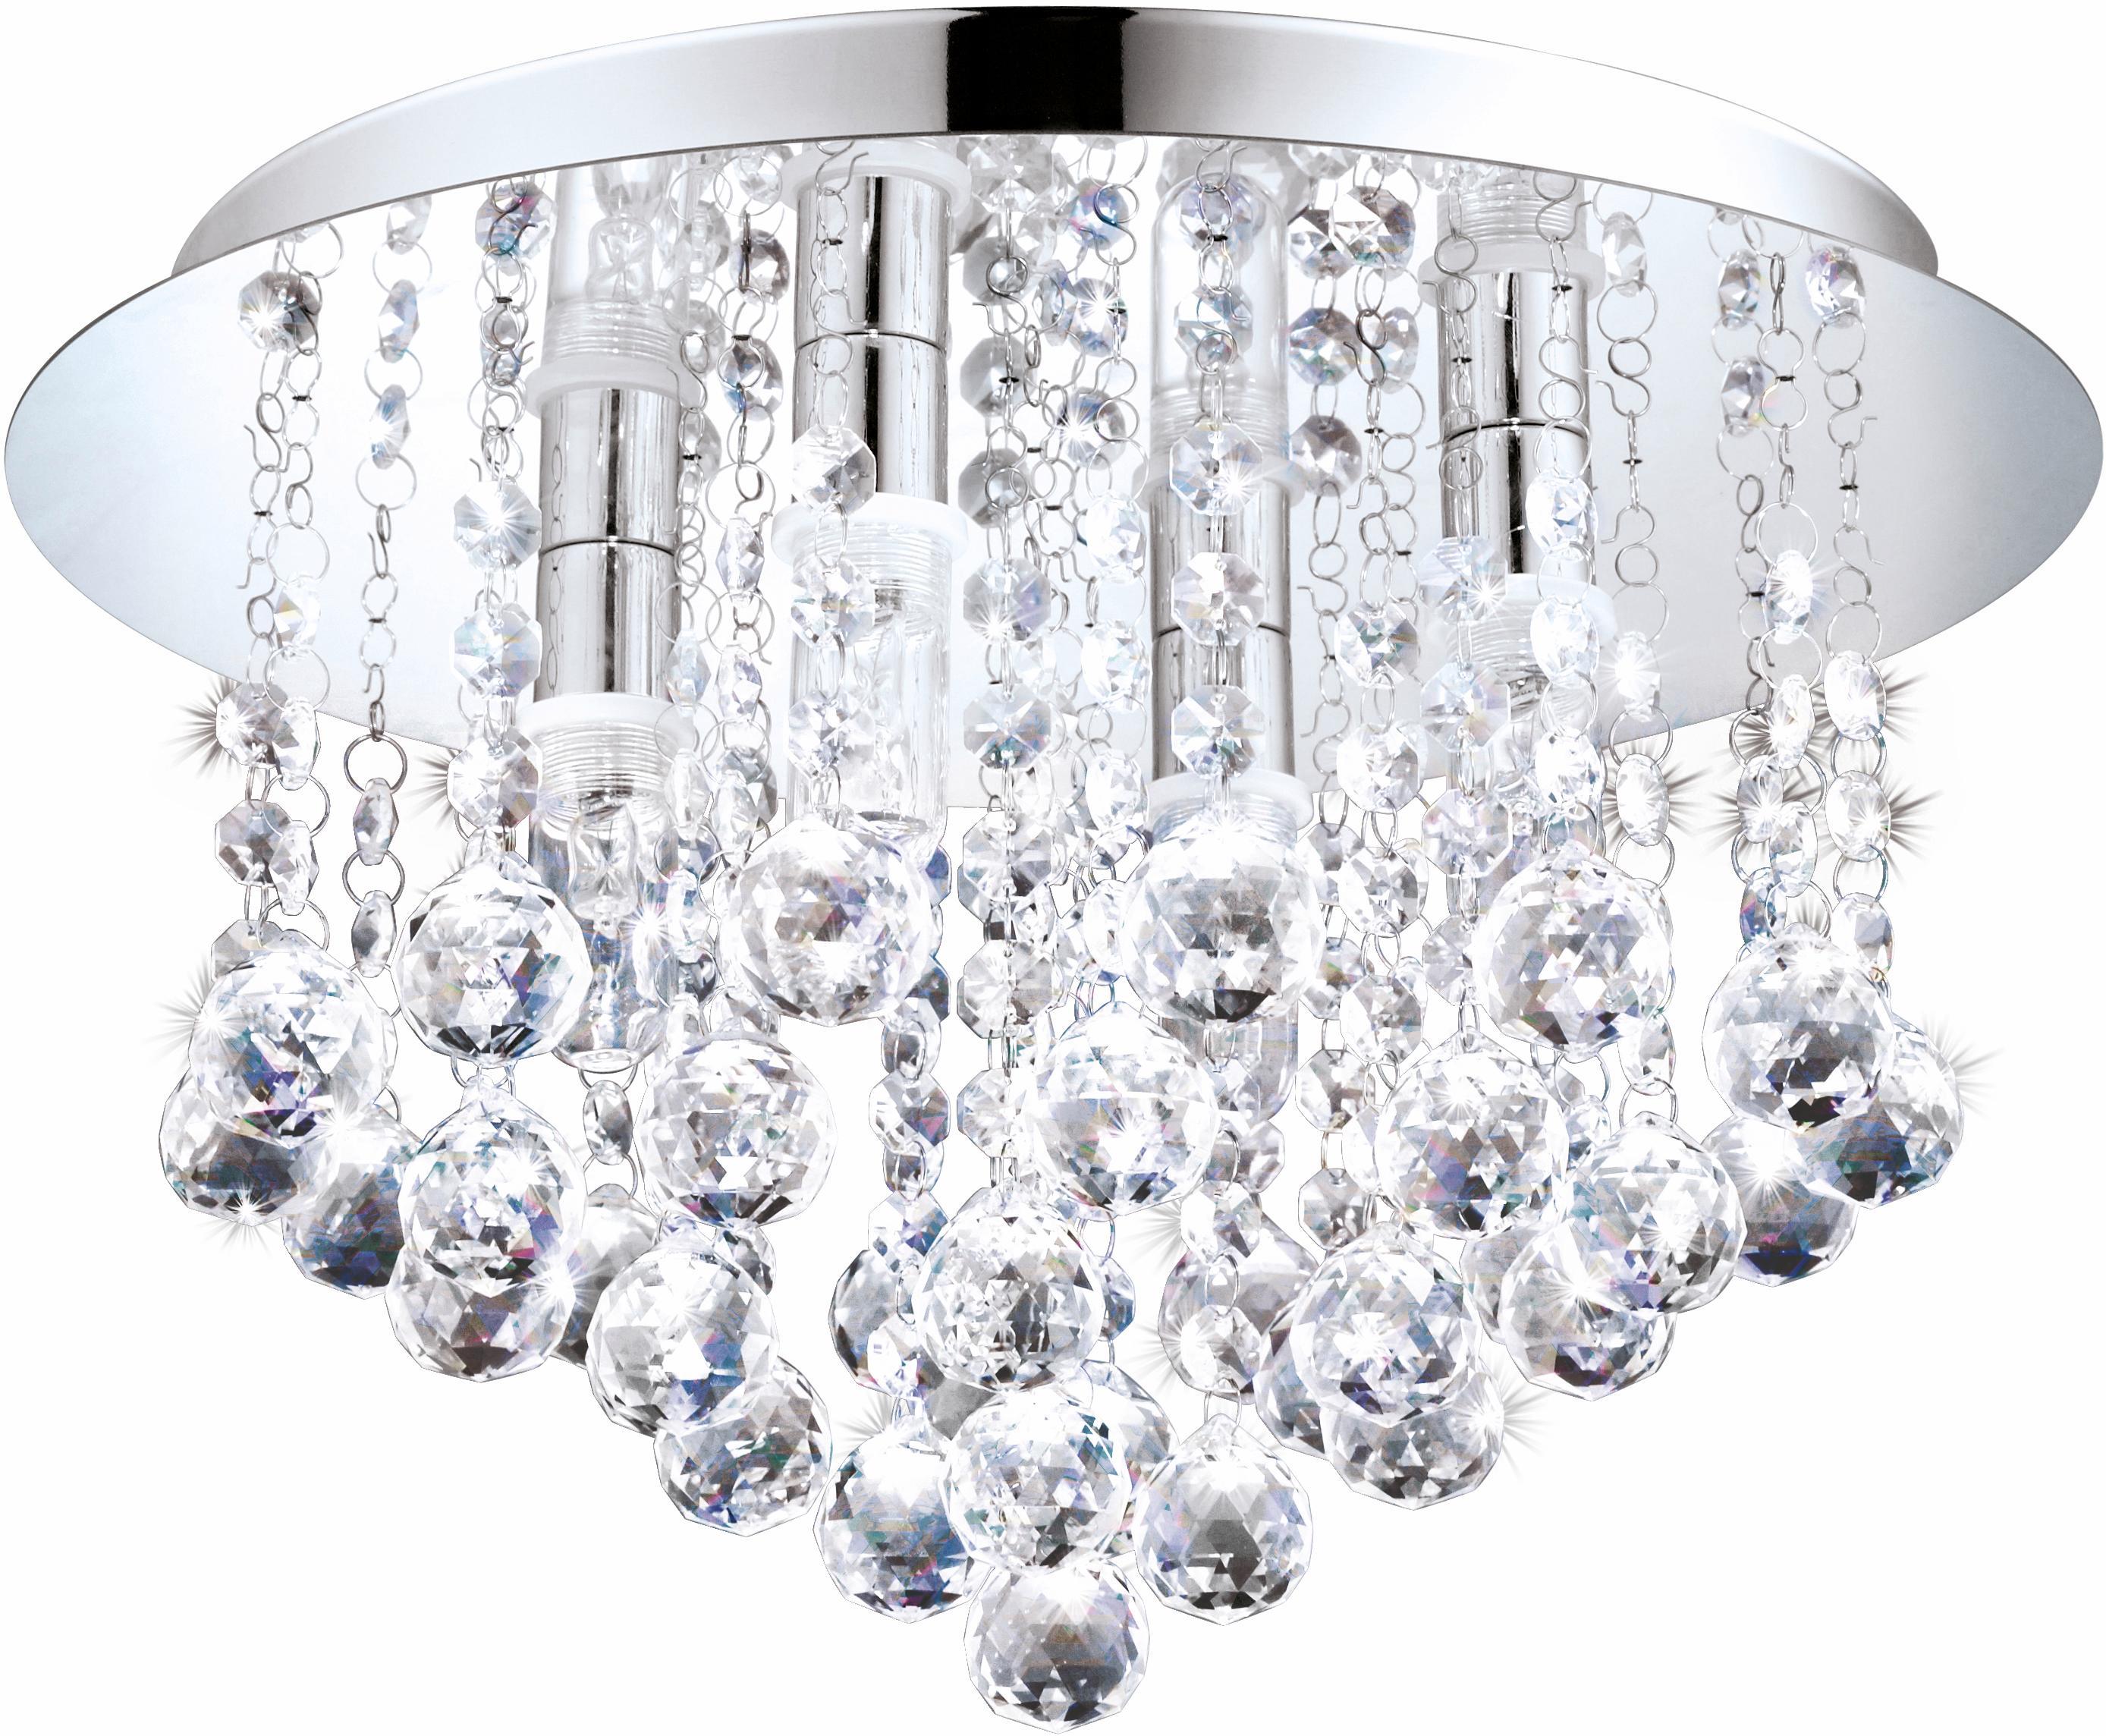 Eglo LED Deckenleuchte Badleuchte 4flg ALMONTE